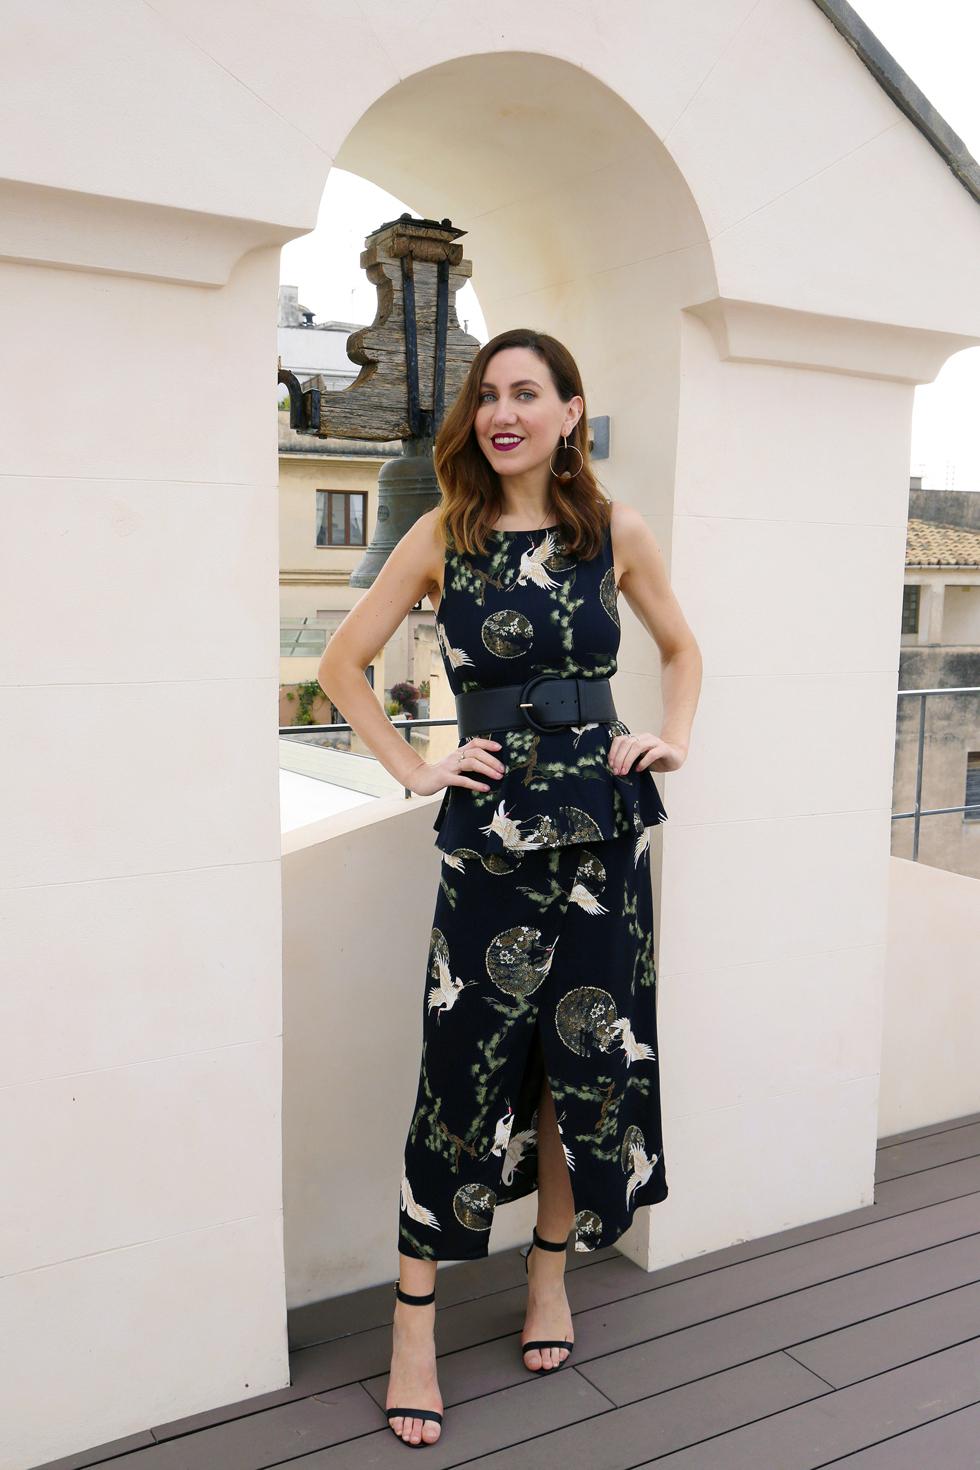 5968c17a005d Men plaggen går ju naturligtvis att bära var för sig också. Tänk er den här  kjolen tillsammans med ett vitt linne och ett par sandaler exempelvis. Så  fint ...